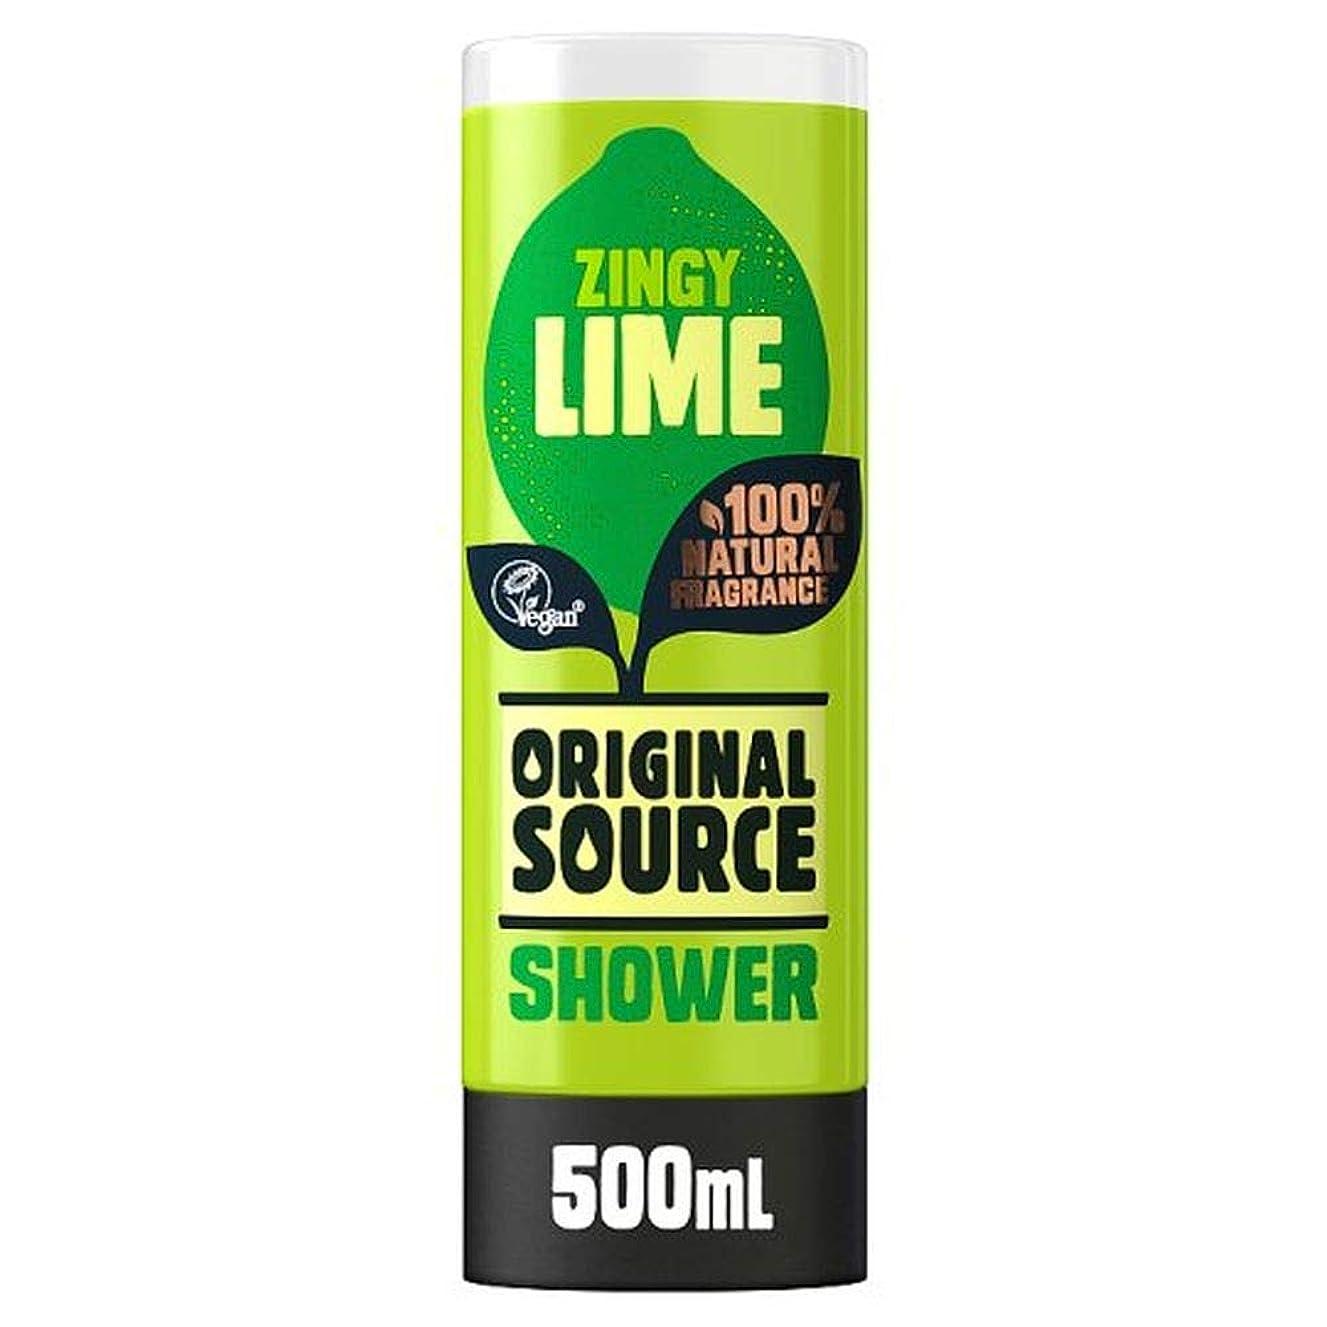 観察するトラップ十年[Original Source ] 元のソースライムシャワージェル500ミリリットル - Original Source Lime Shower Gel 500Ml [並行輸入品]